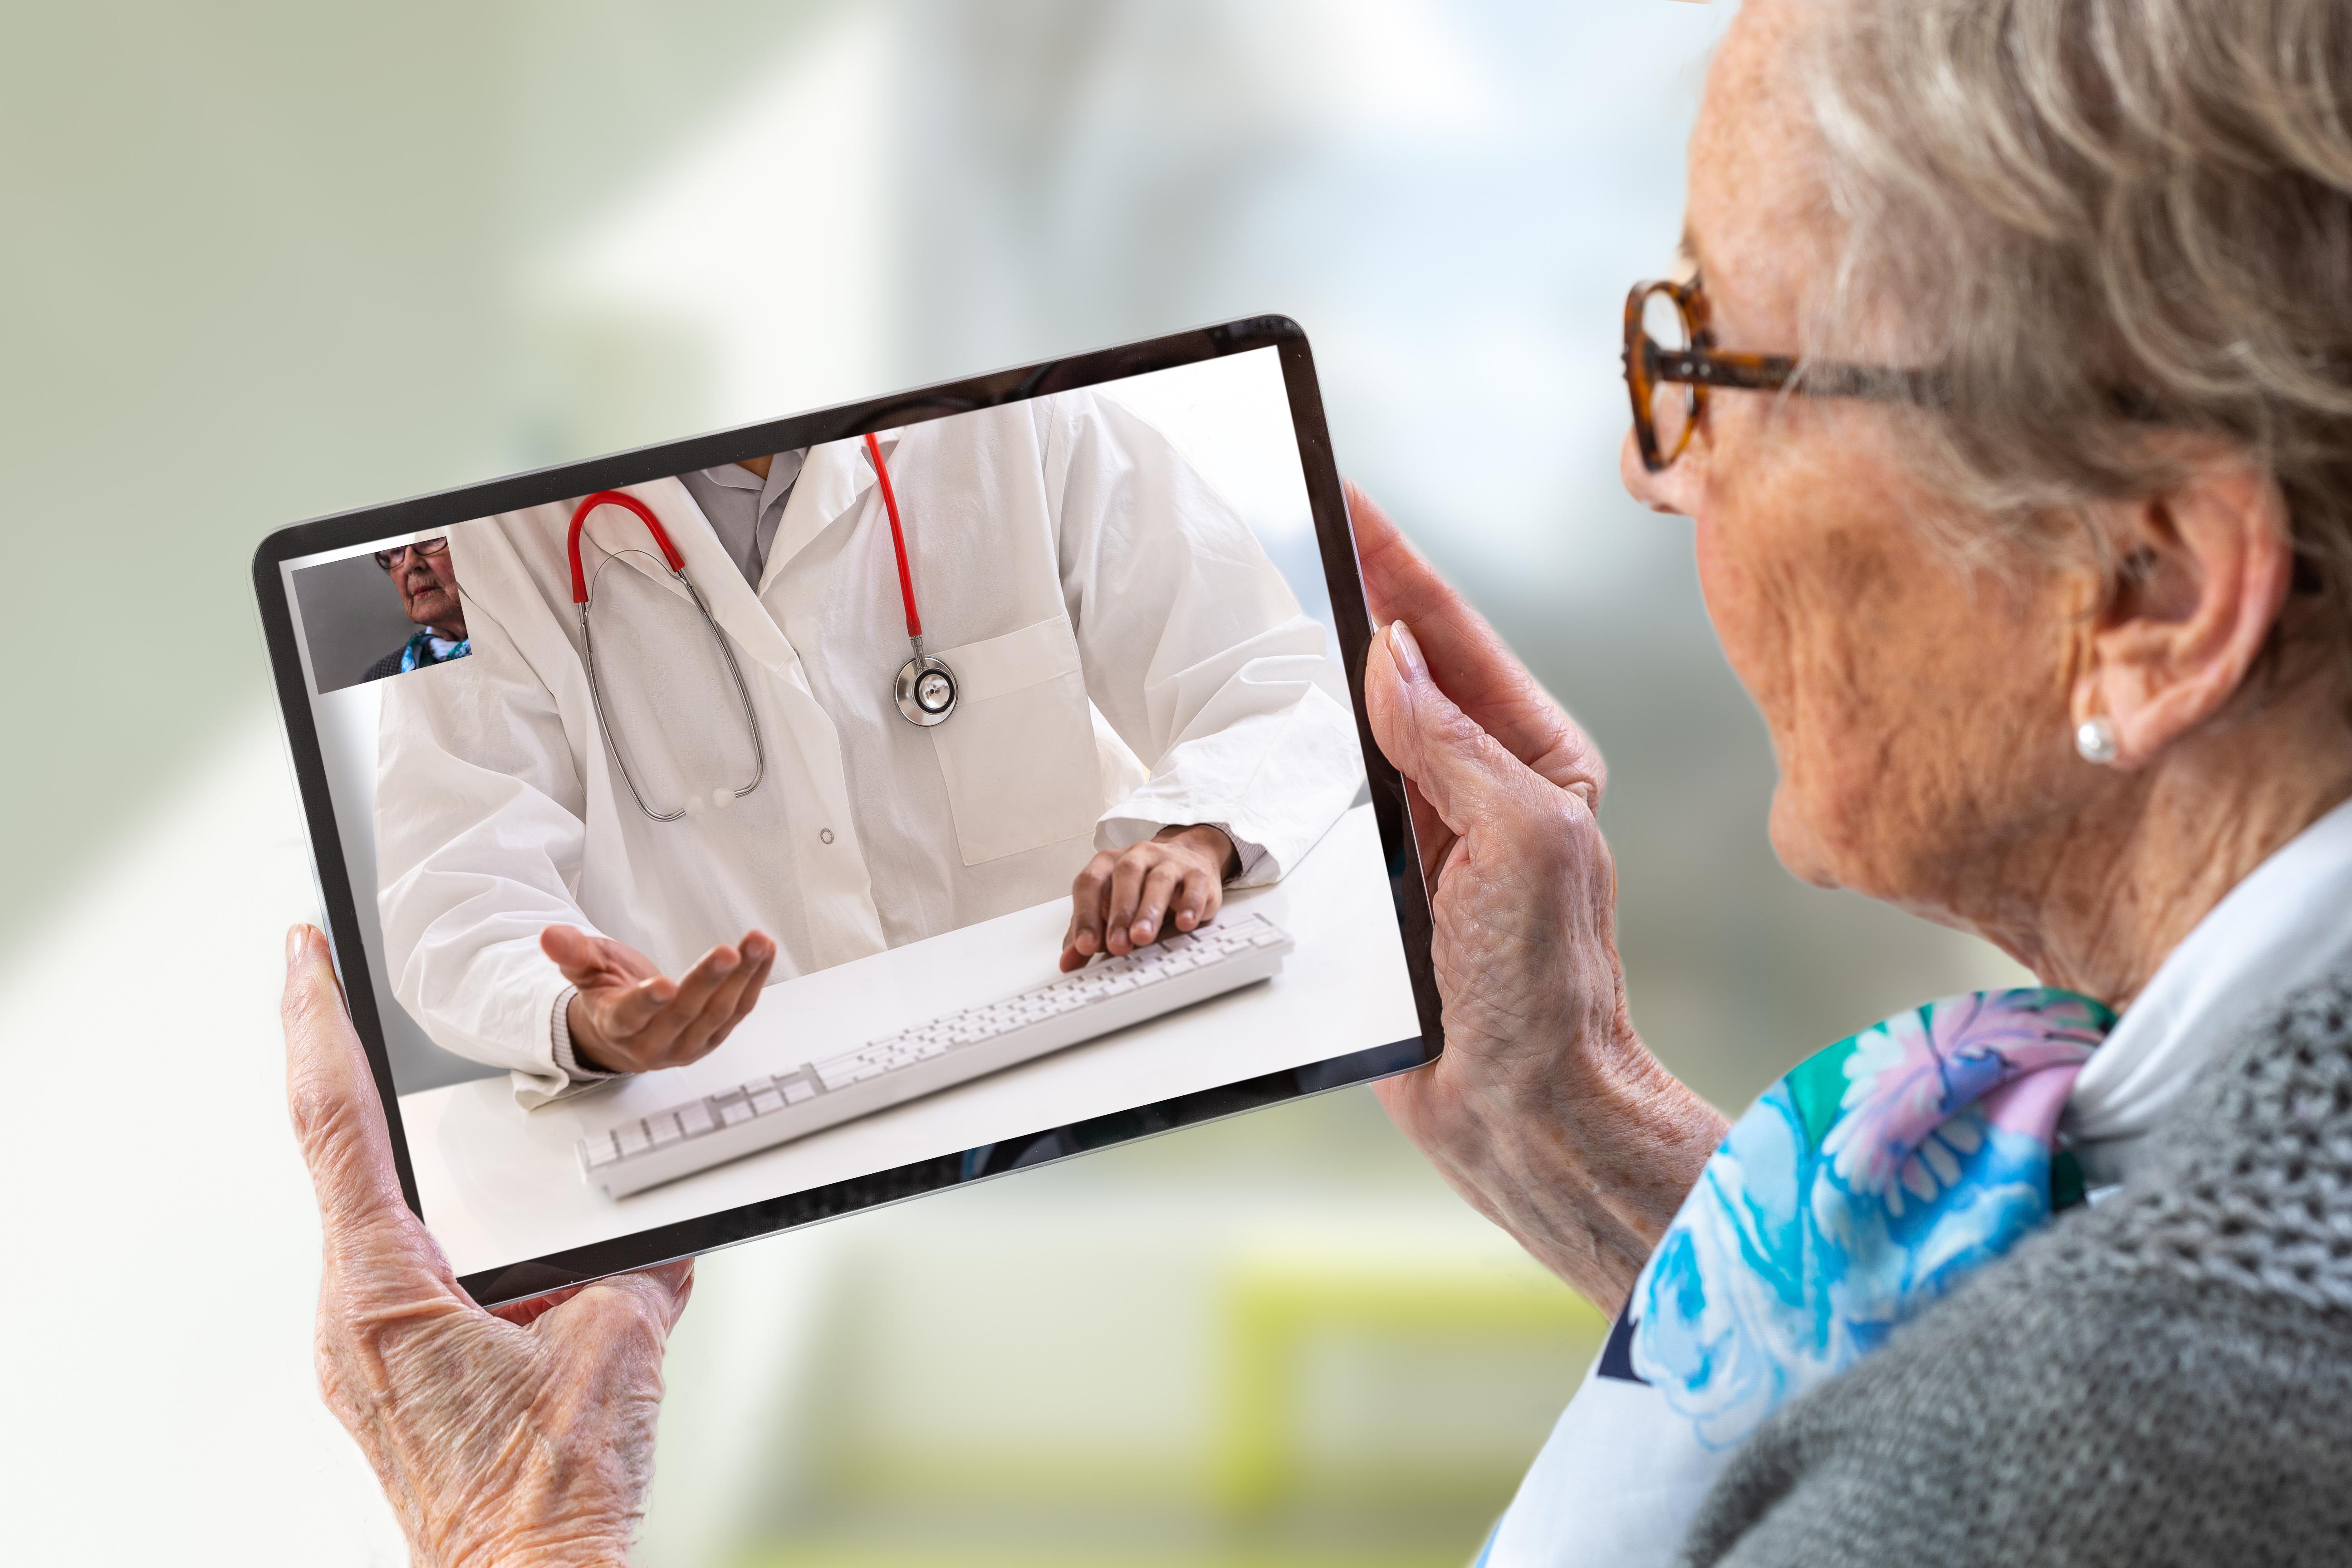 Comment impliquer les médecins sur votre logiciel de dossier résident/usager ?